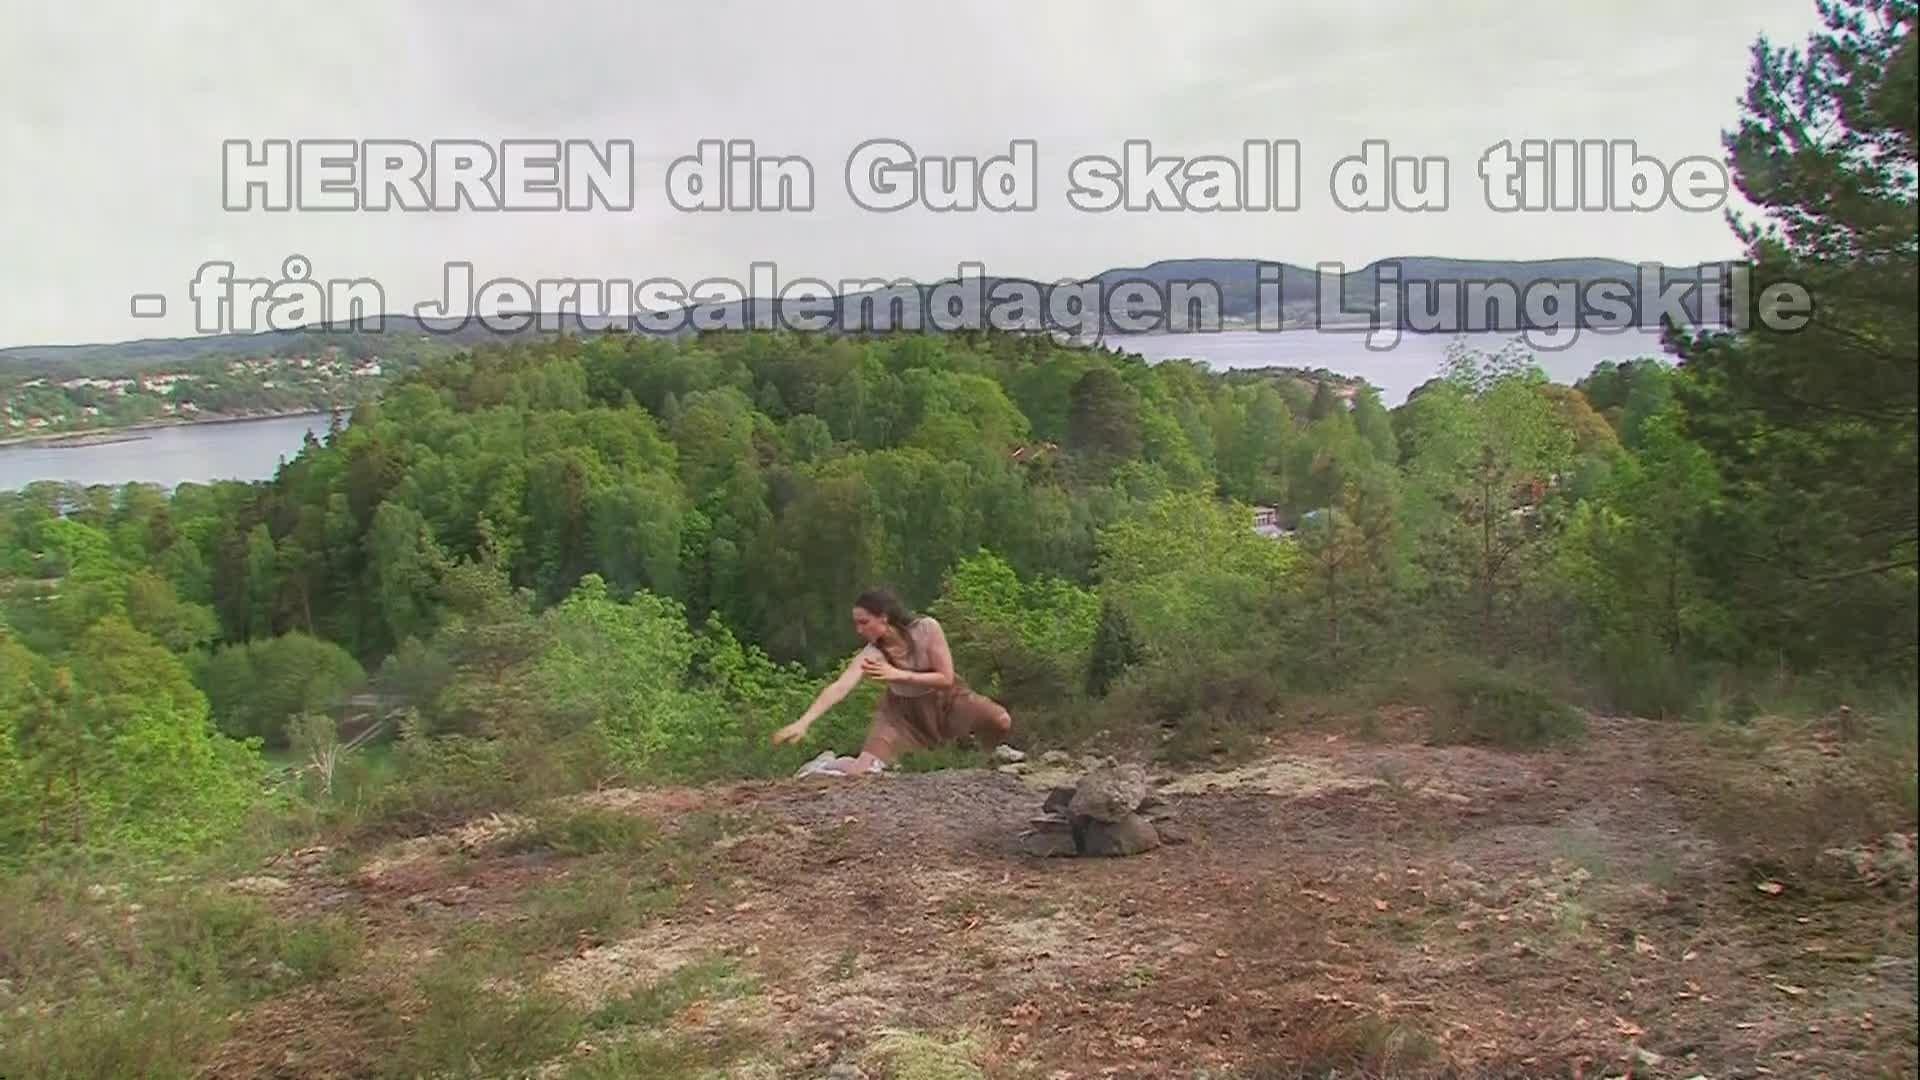 HERREN din Gud skall du tillbe 2